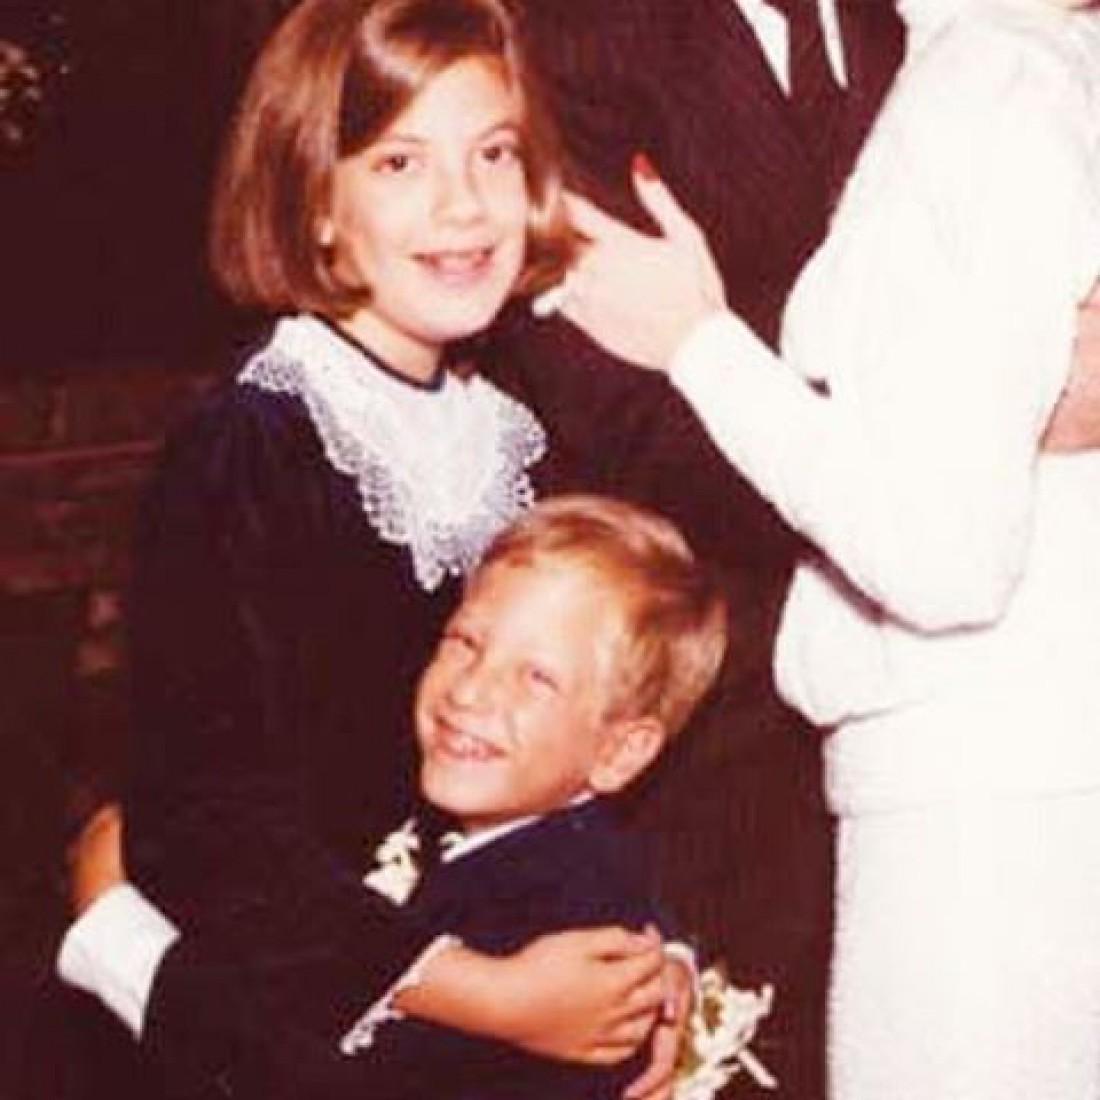 Тори Спеллинг и ее брат Рэнди в детстве